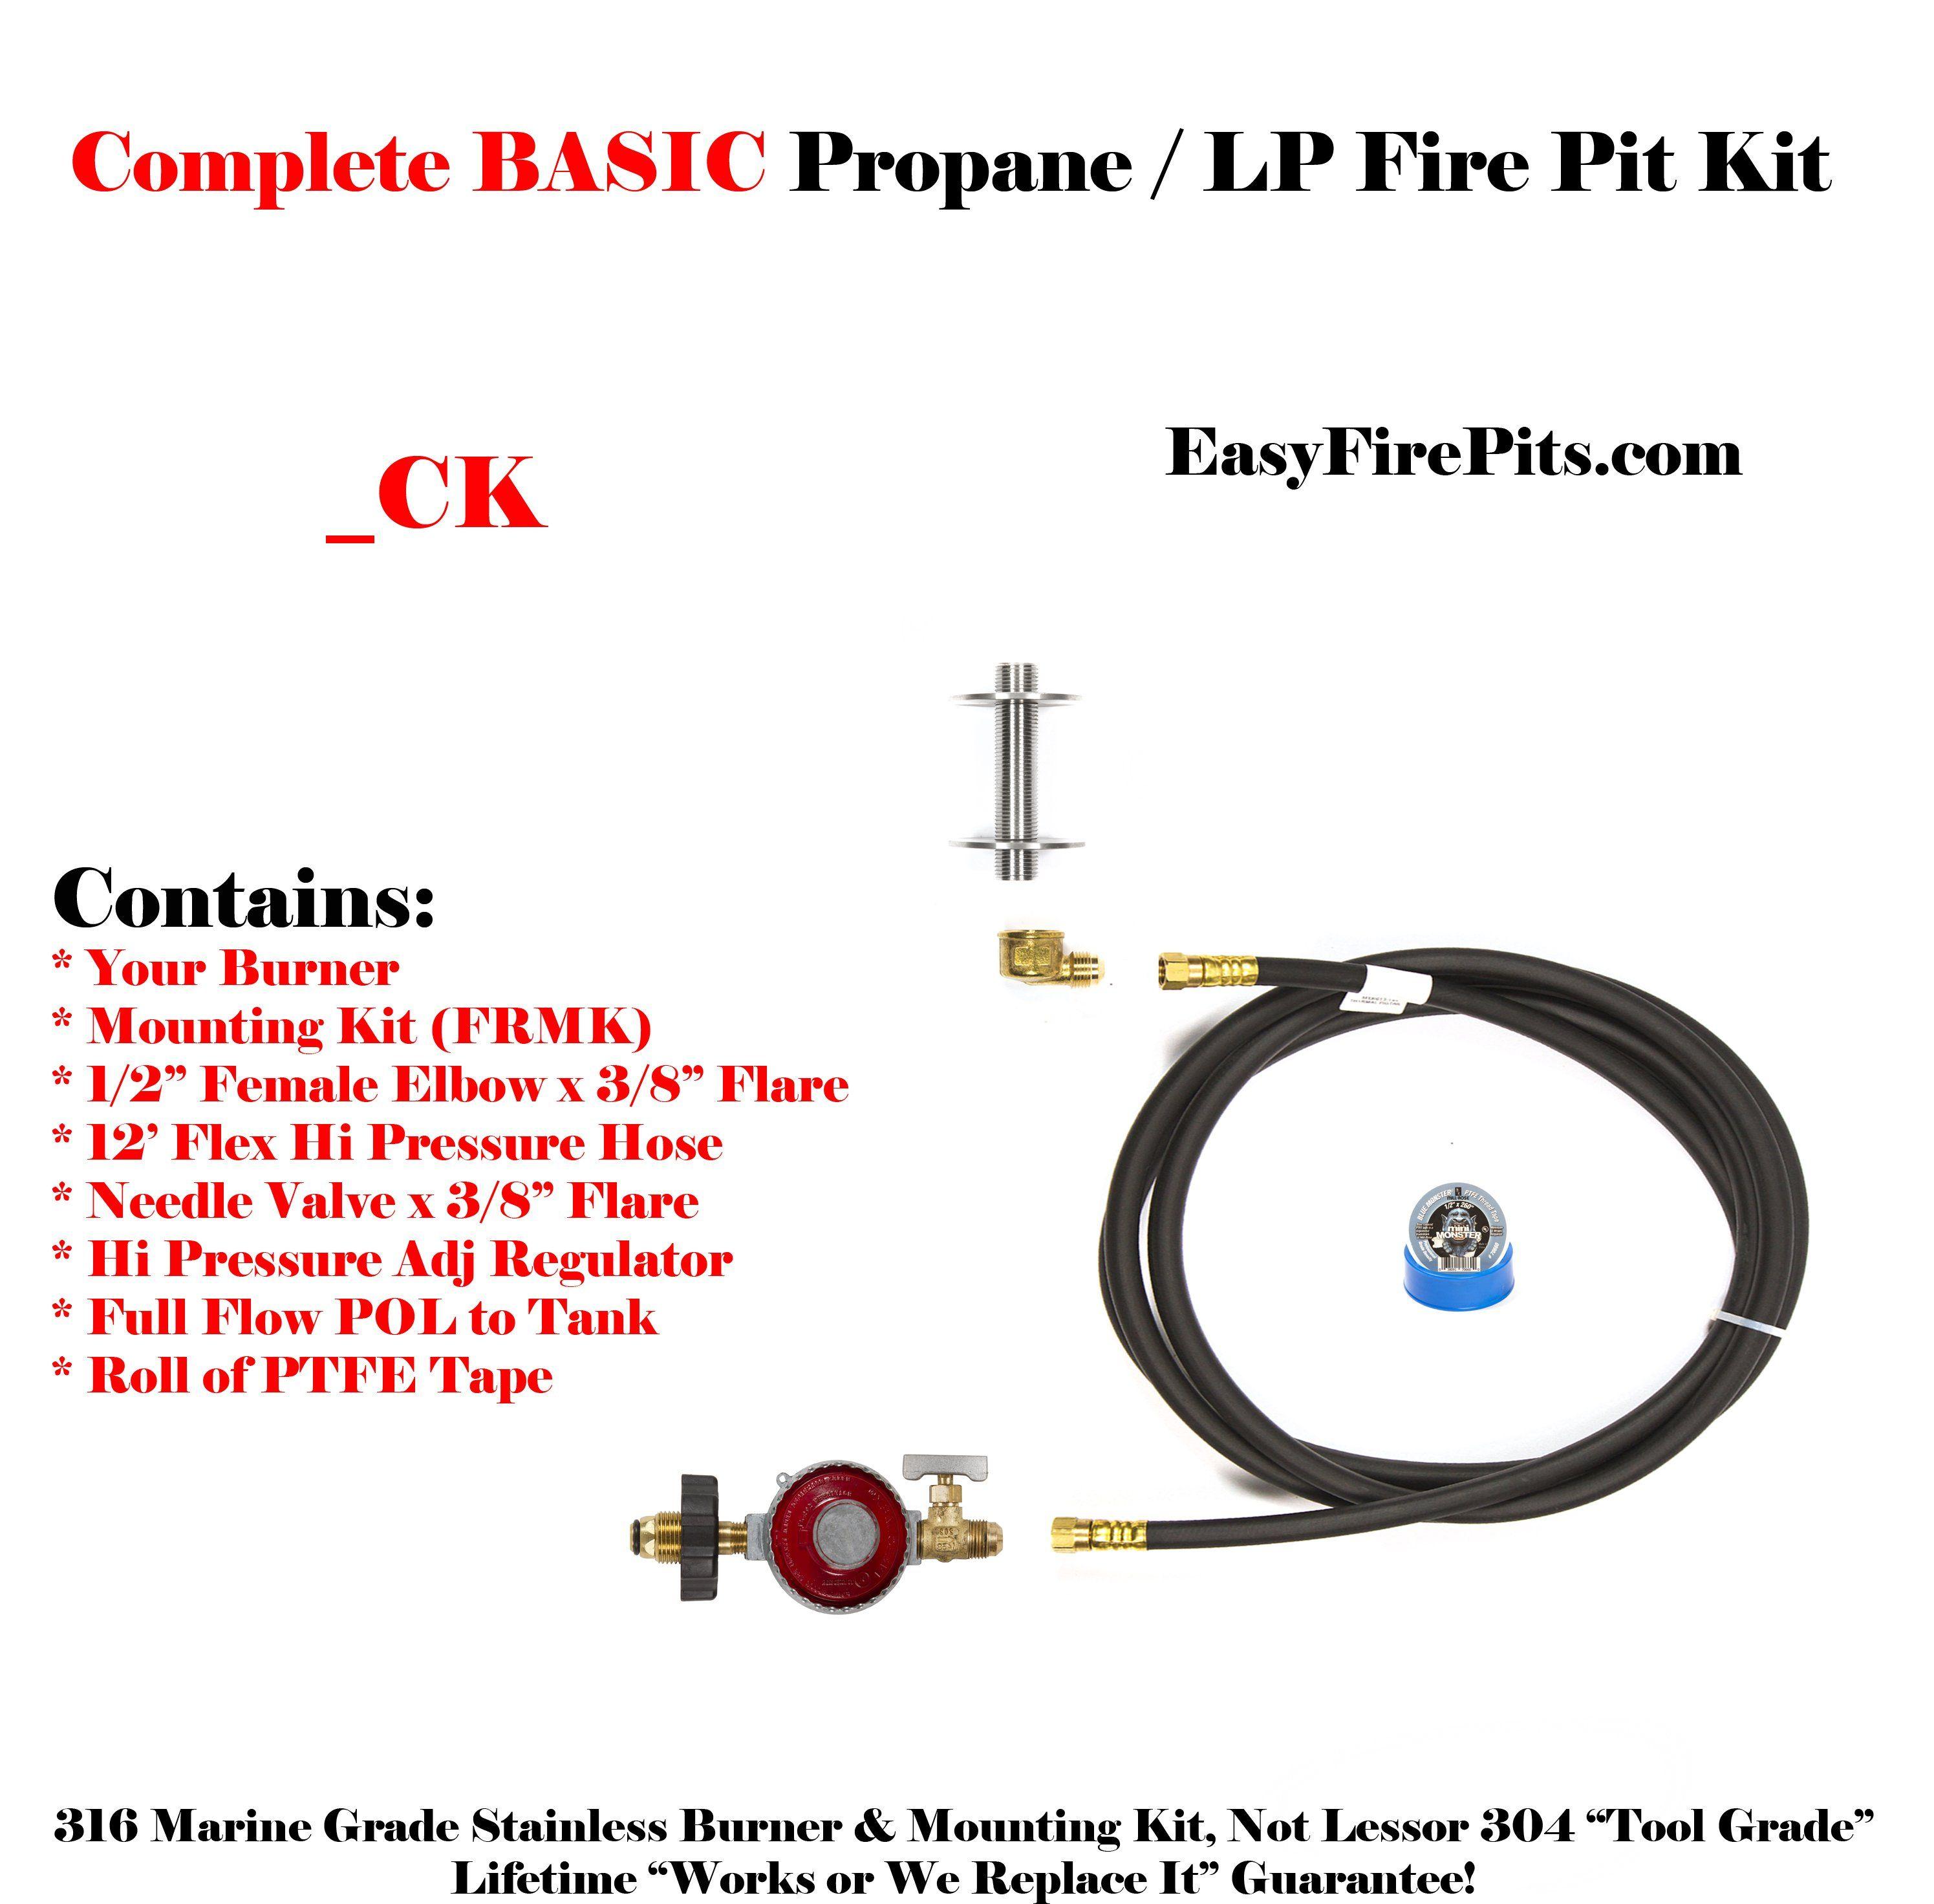 ck universal propane complete basic diy fire pit kit burner sold